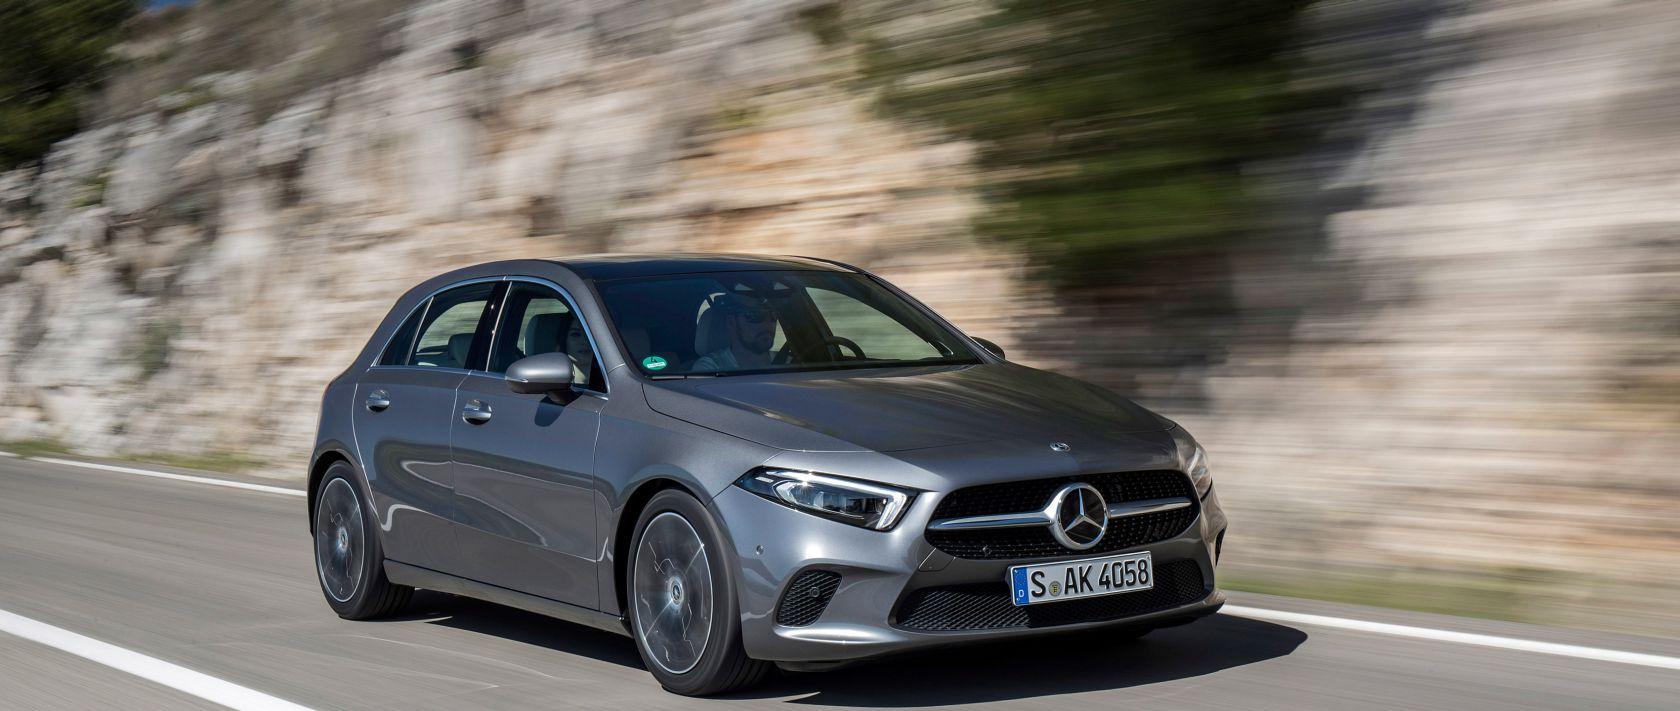 Фильтр высокого качества Mercedes-Benz A 35 AMG 306hp